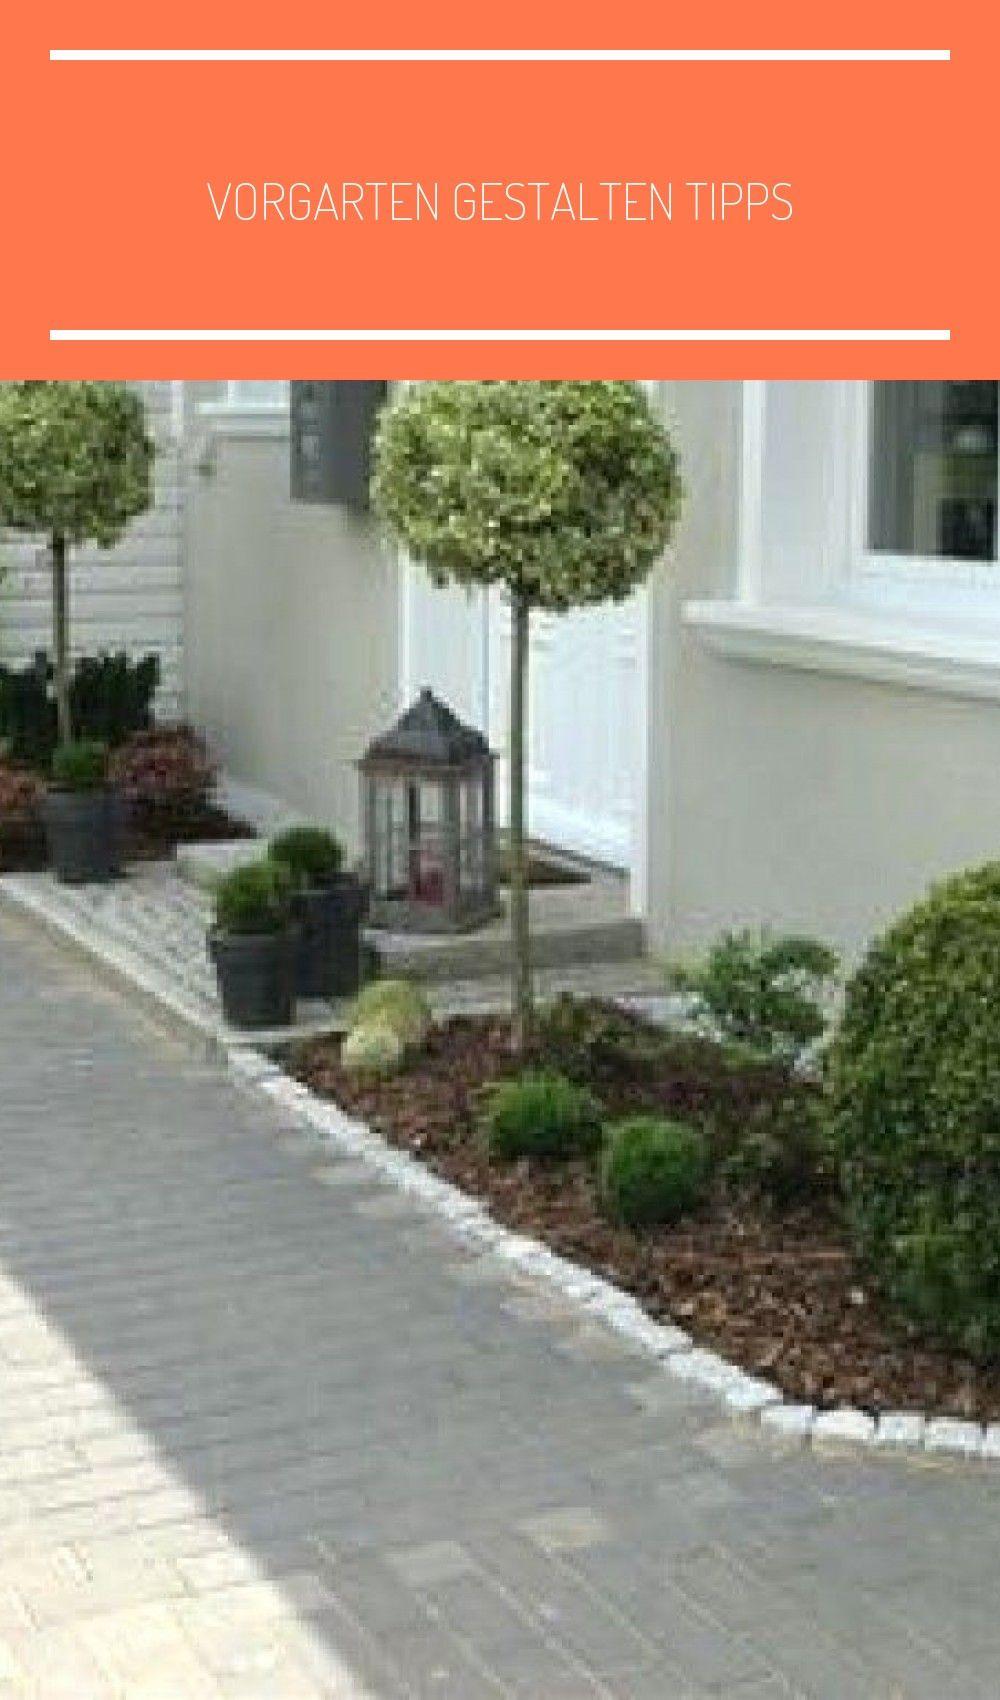 Vorgarten Gestalten Tipps Und Beispiele Zimmerdeko Selber Machen